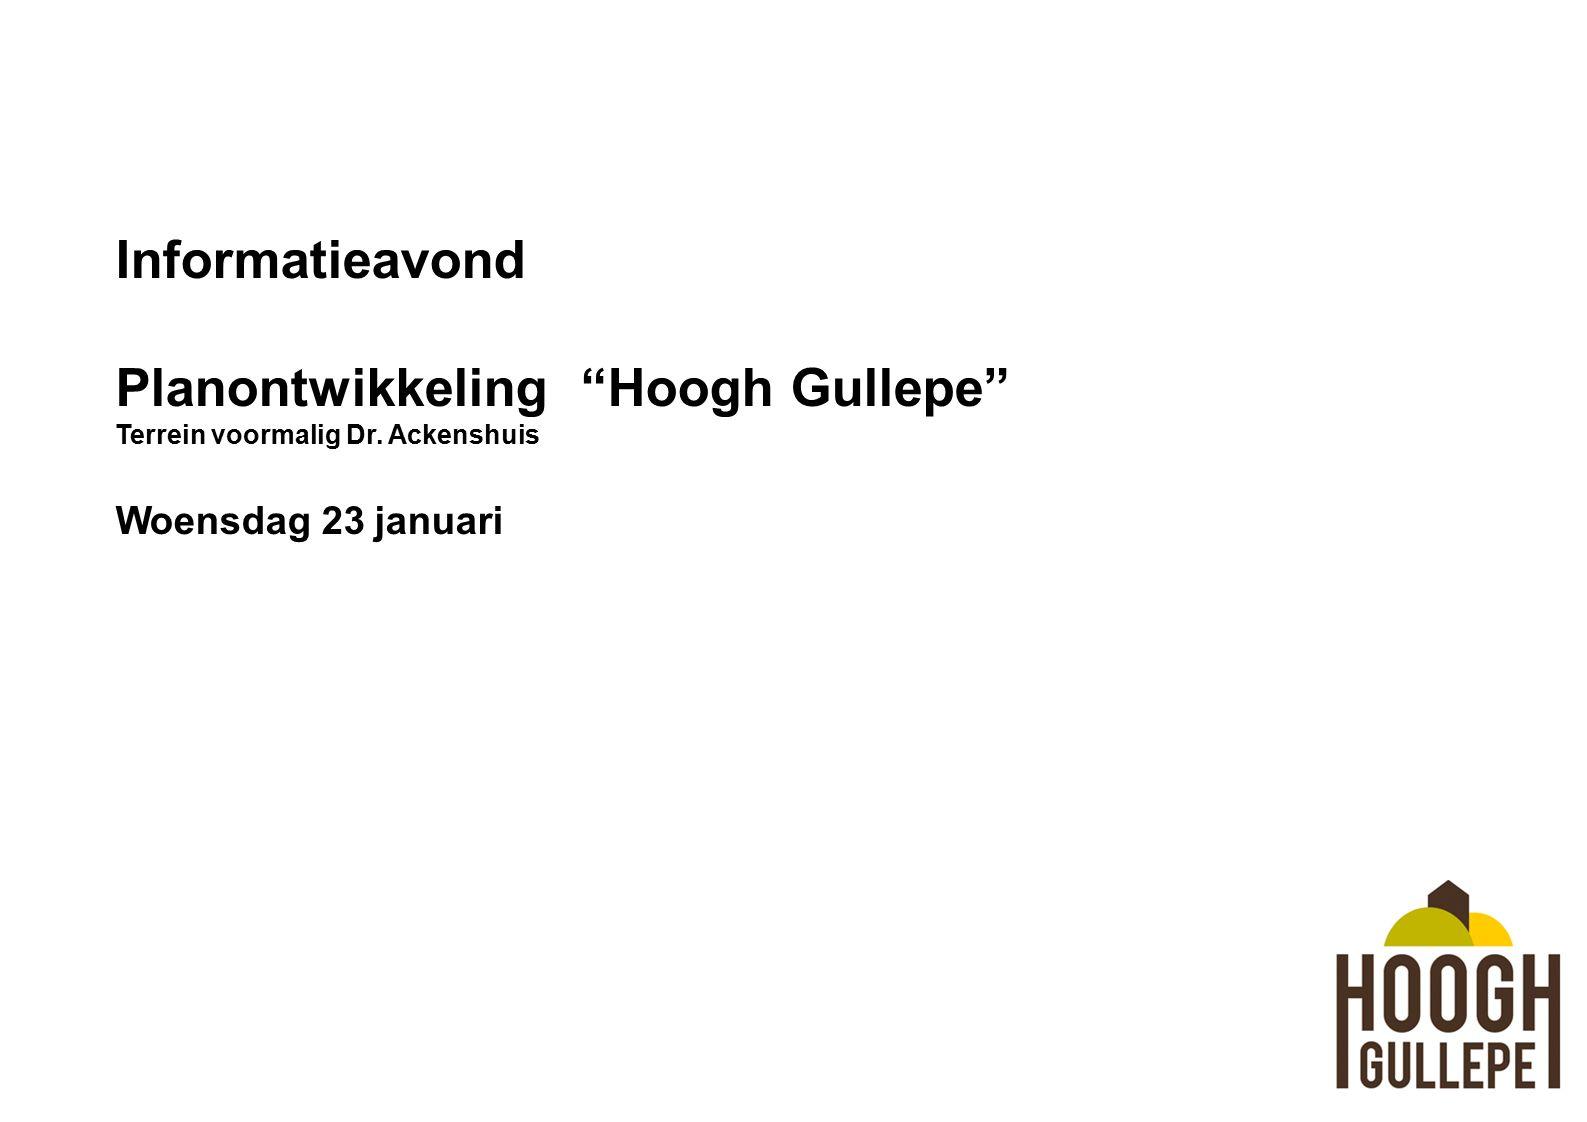 Informatieavond Planontwikkeling Hoogh Gullepe Terrein voormalig Dr.